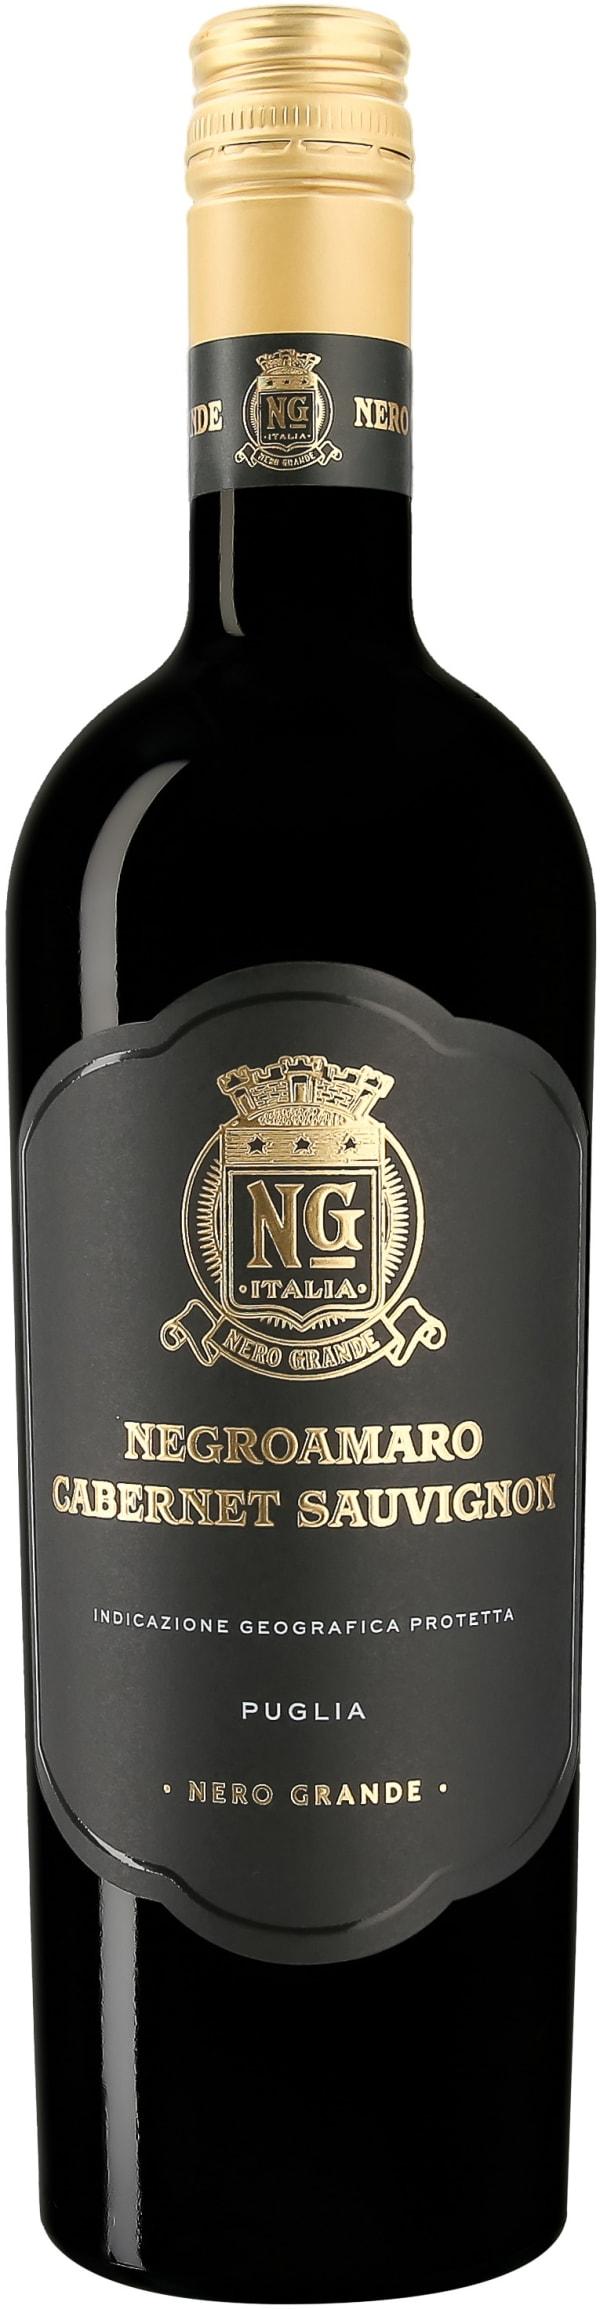 Nero Grande Negroamaro Cabernet Sauvignon 2017